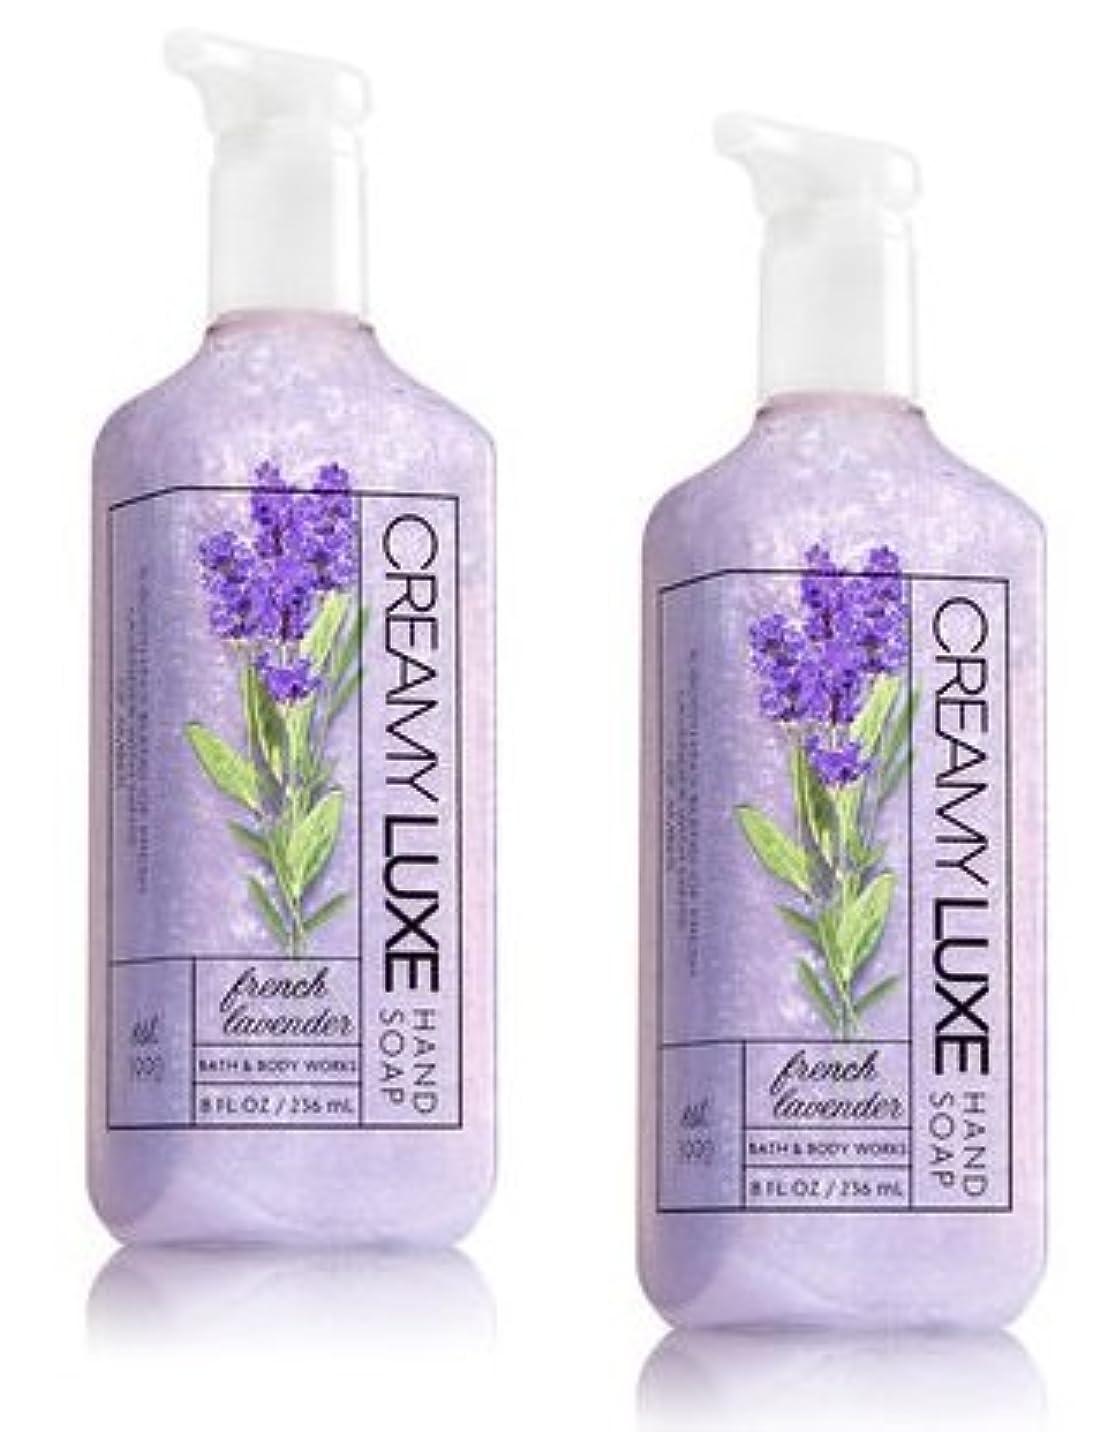 魂自分を引き上げるレザーBath & Body Works フレンチラベンダー クリーミー リュクス ハンドソープ 2本セット French Lavender Creamy Luxe Hand Soap. 8 oz [並行輸入品]